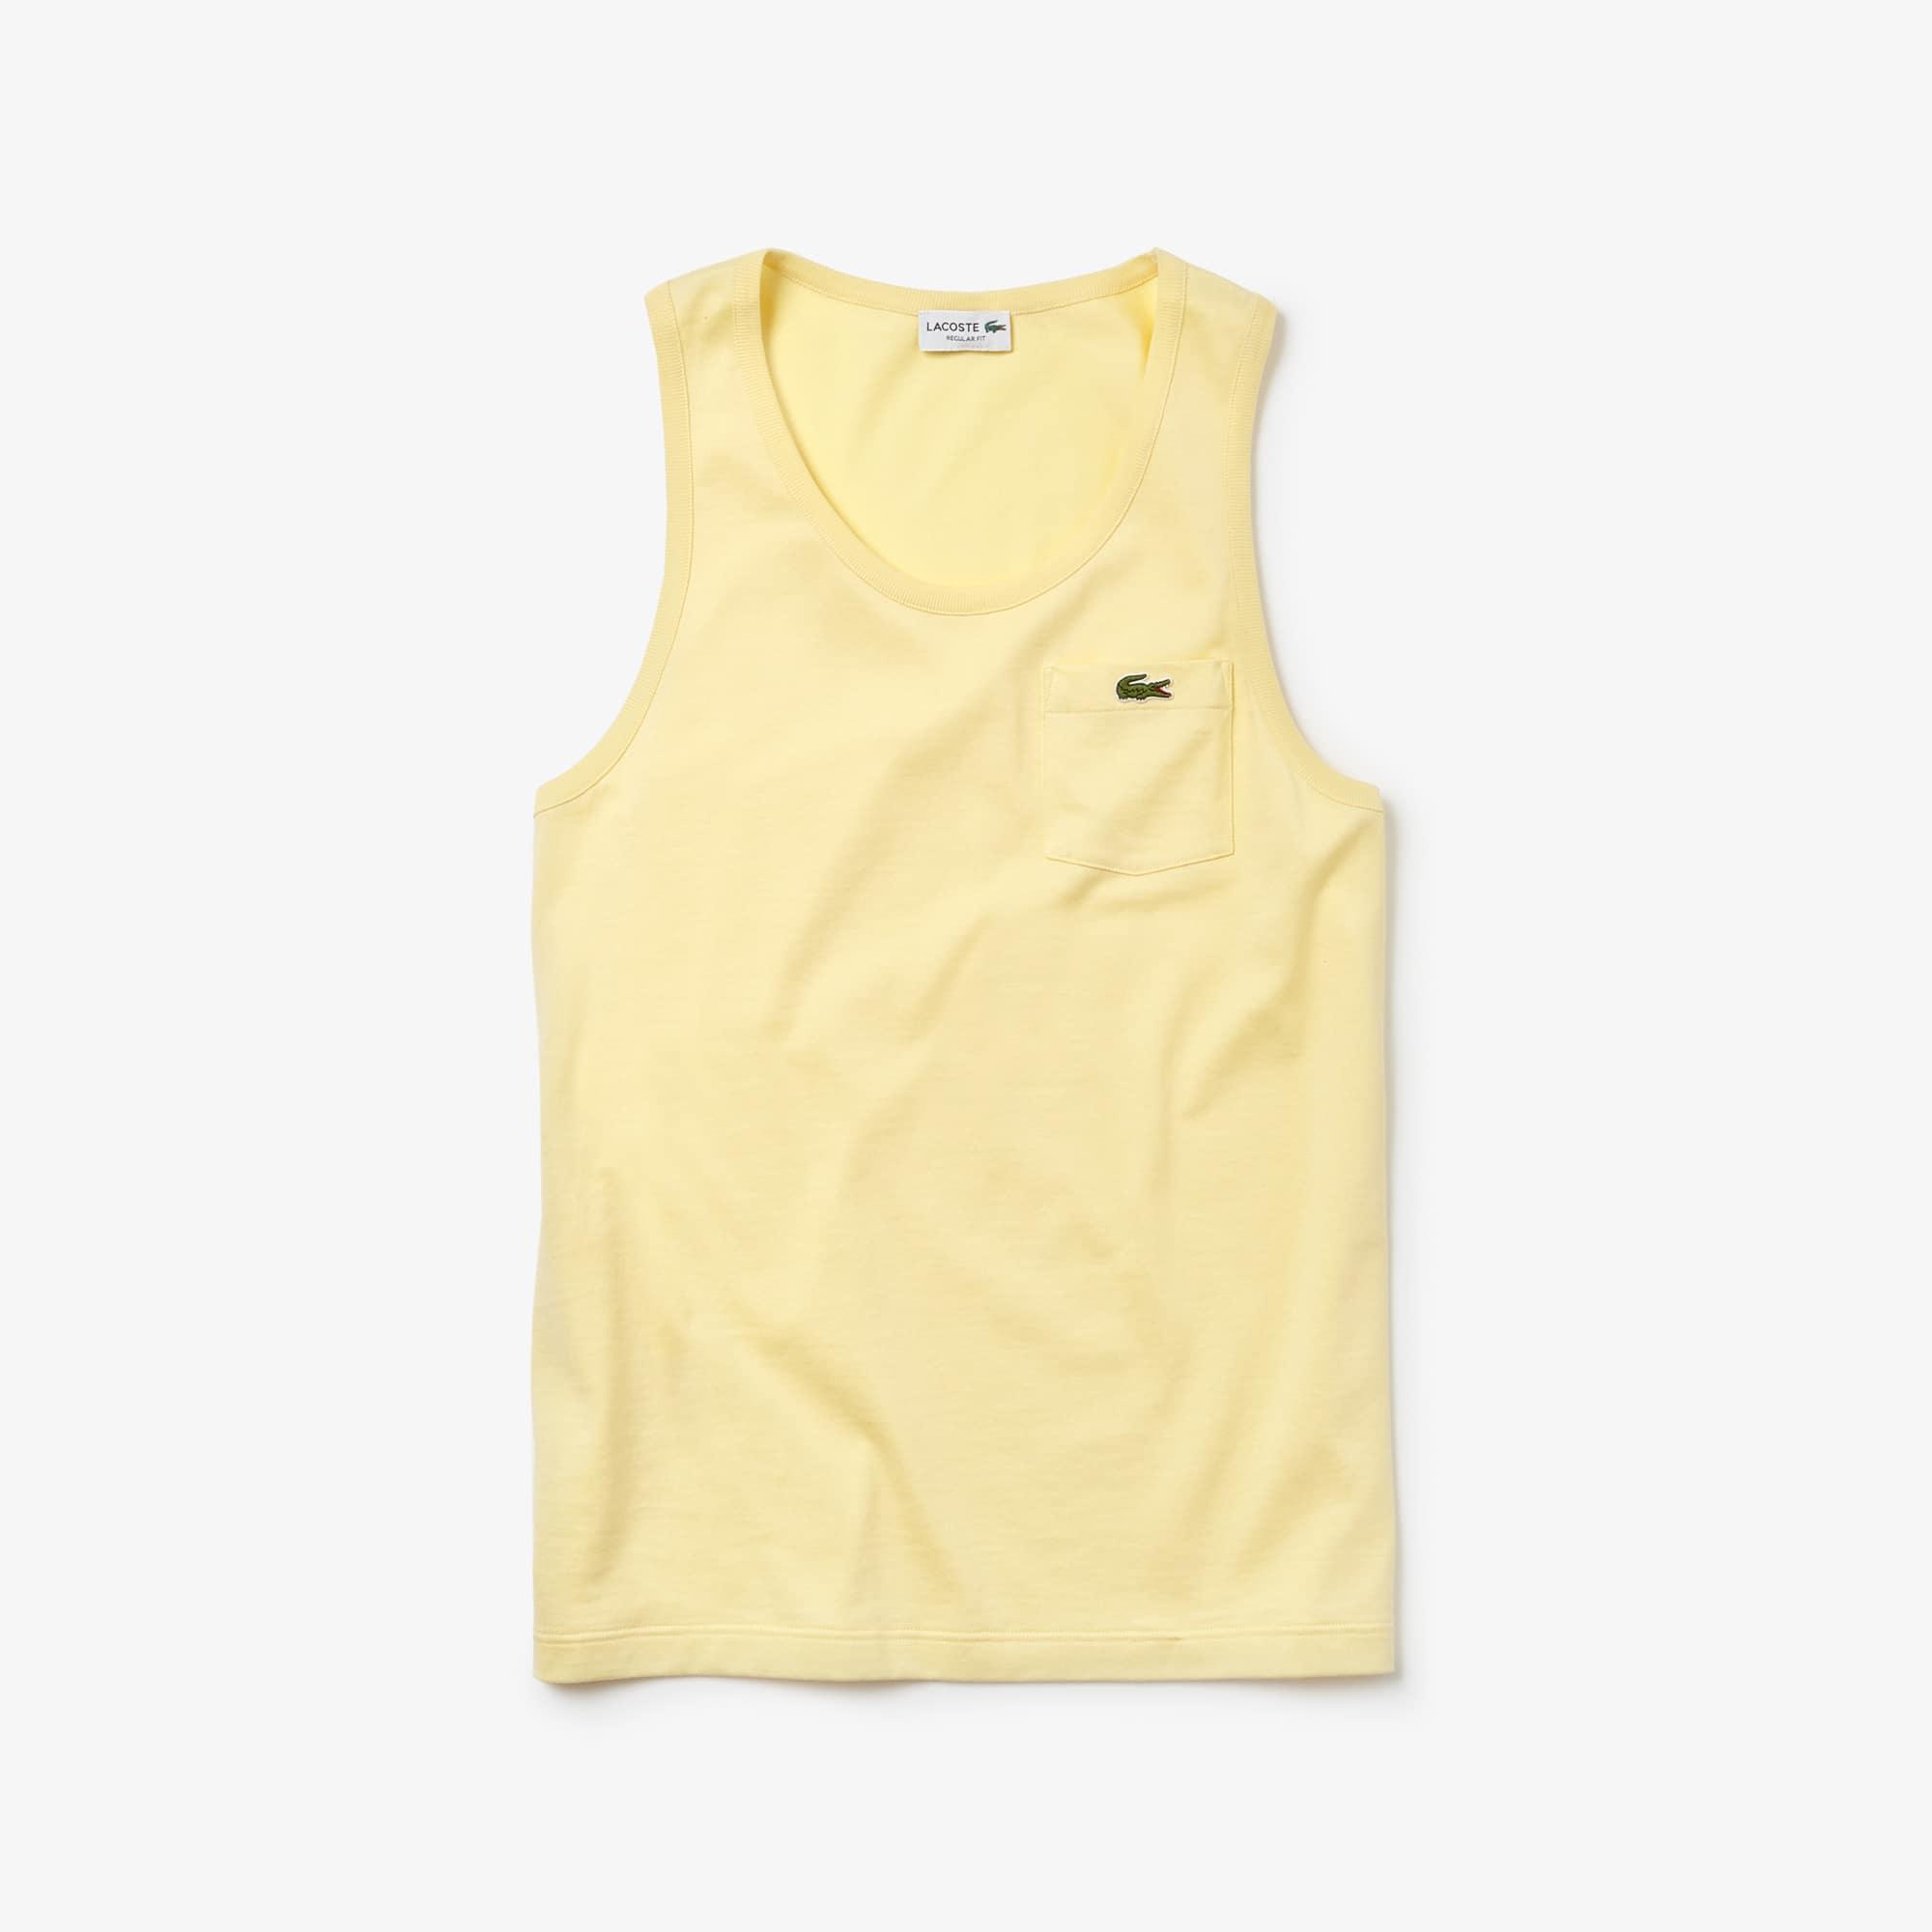 d1699ca0d Men's T Shirts | Lacoste T Shirts | LACOSTE